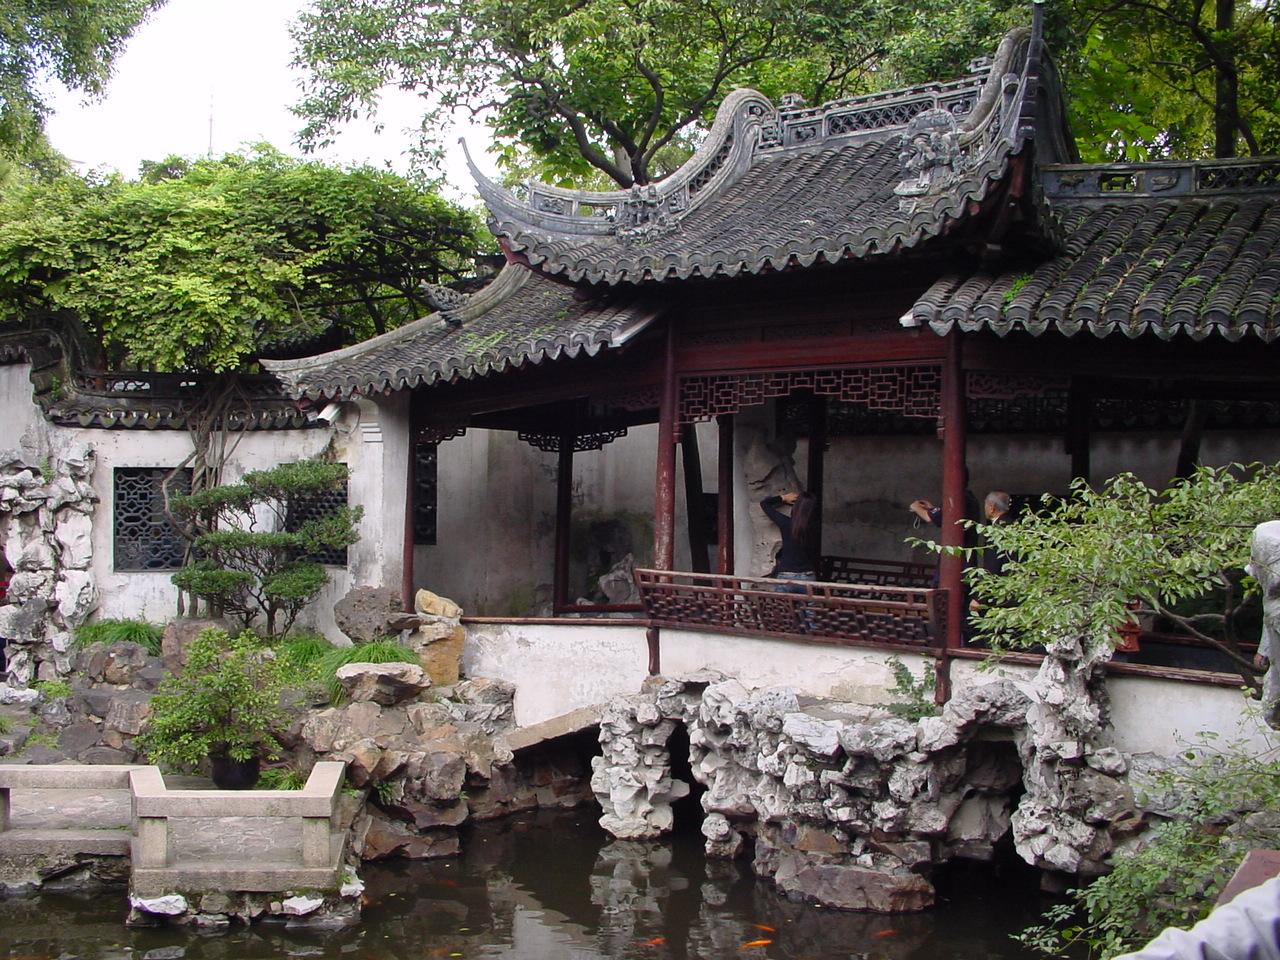 Jardineria eladio nonay jardiner a eladio nonay dise a - Fotos jardines japoneses ...